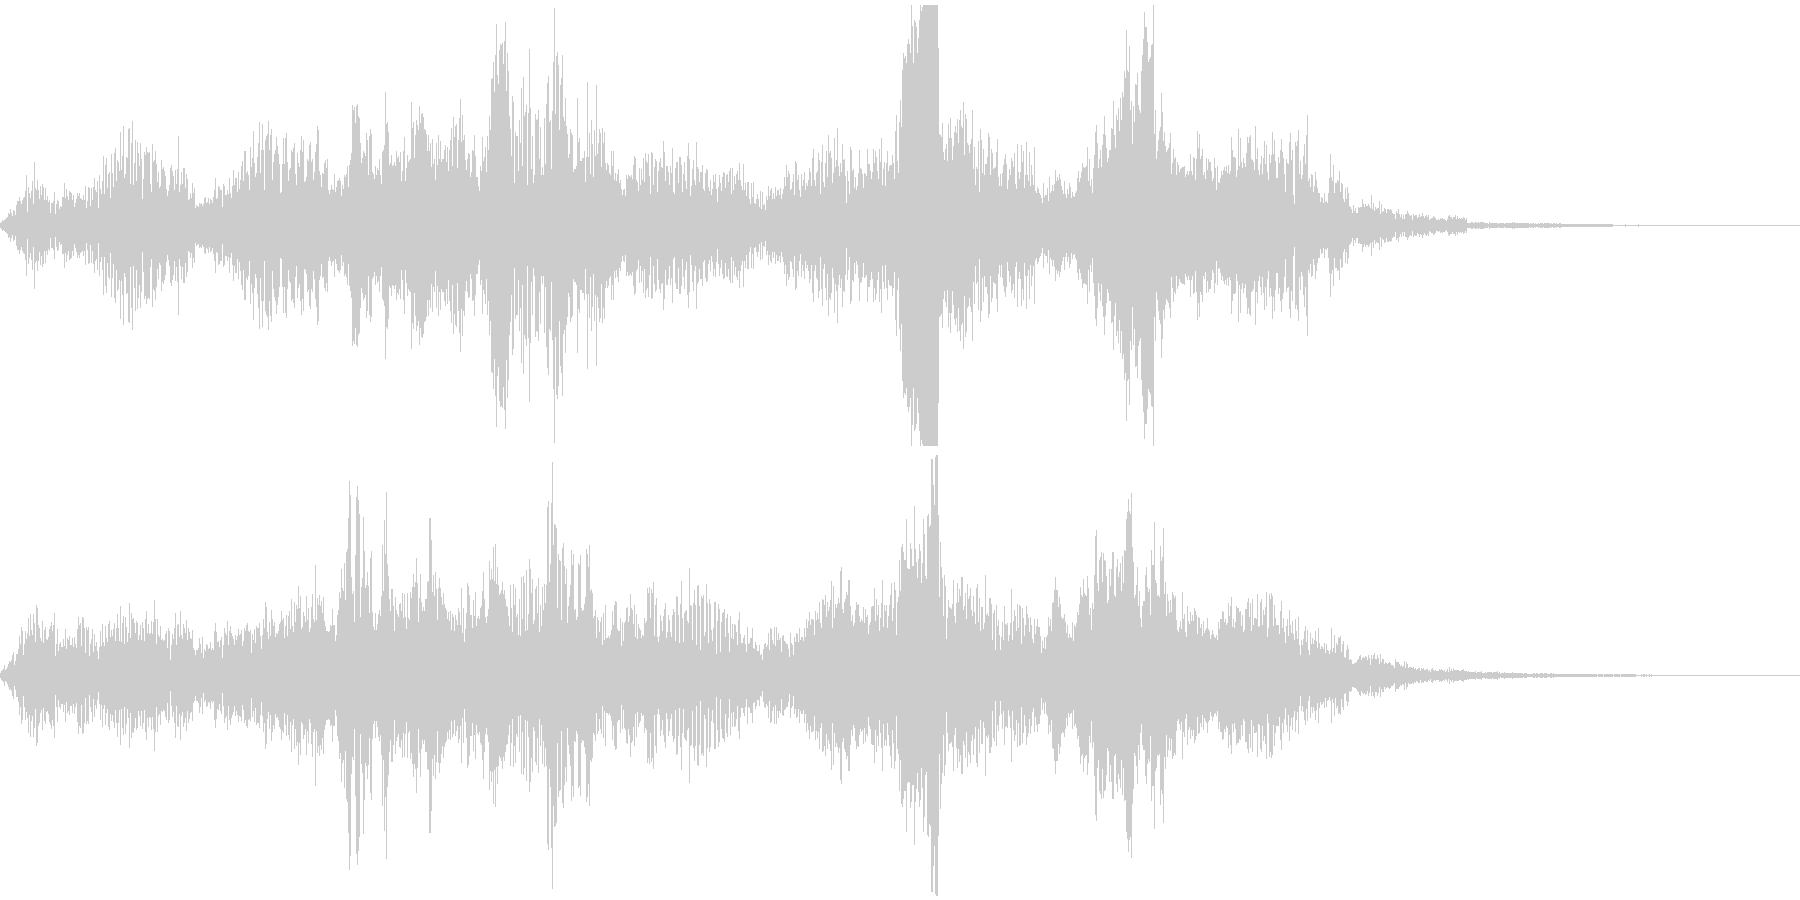 【ゲーム】ダークなフィールド画面に合う音の未再生の波形